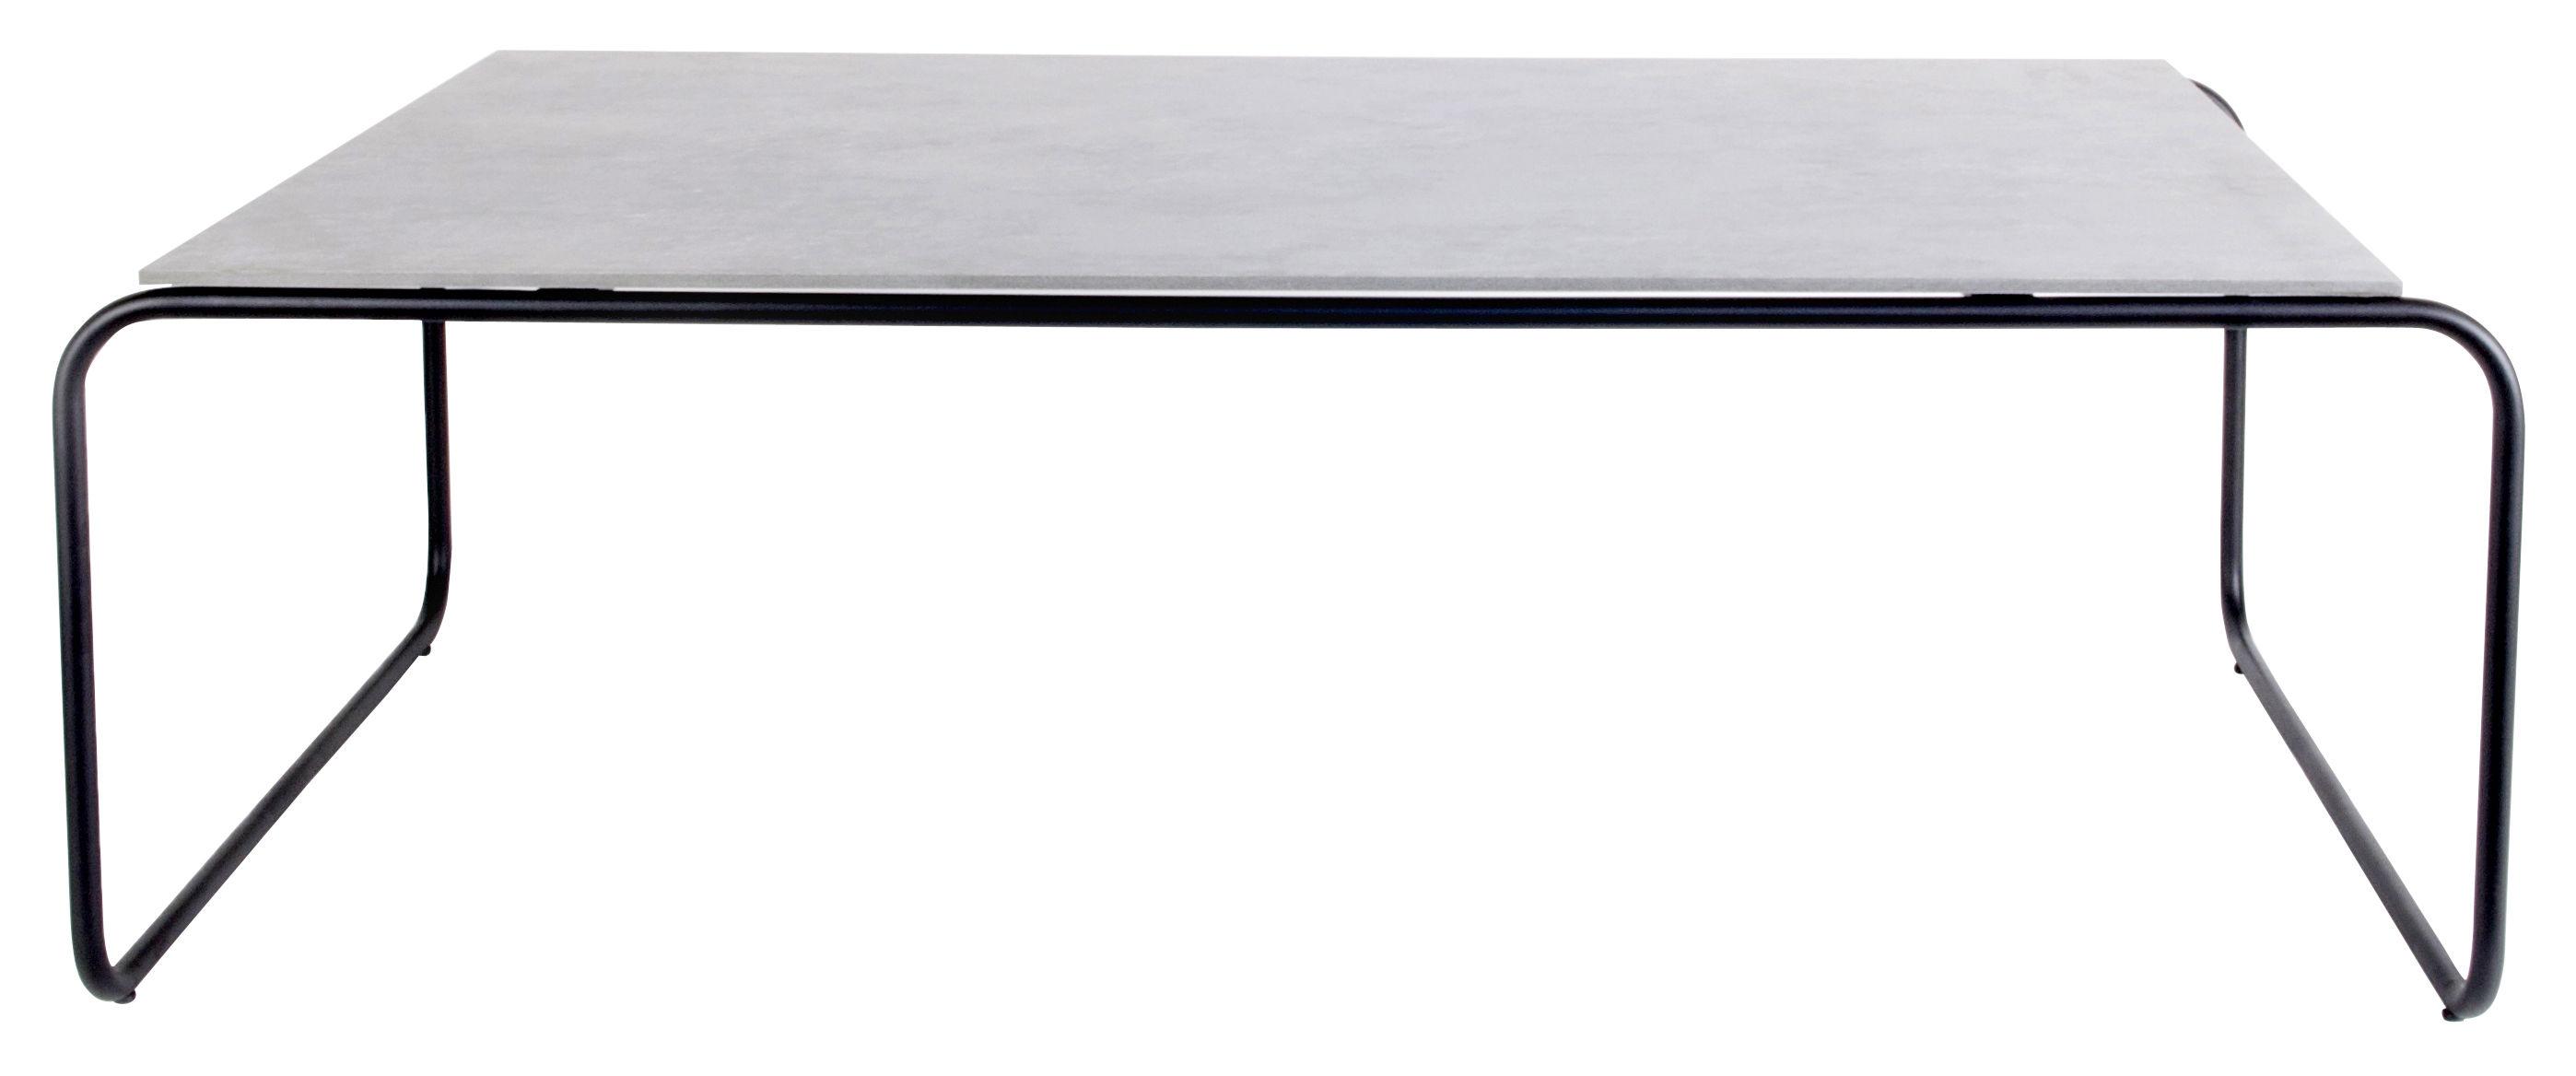 Arredamento - Tavolini  - Tavolino basso Yoso Medium / 120 x 69 x H 39 cm - Cemento - XL Boom - 120 x 69 cm / Cemento grigio - Acciaio laccato epossidico, Fibra-cemento